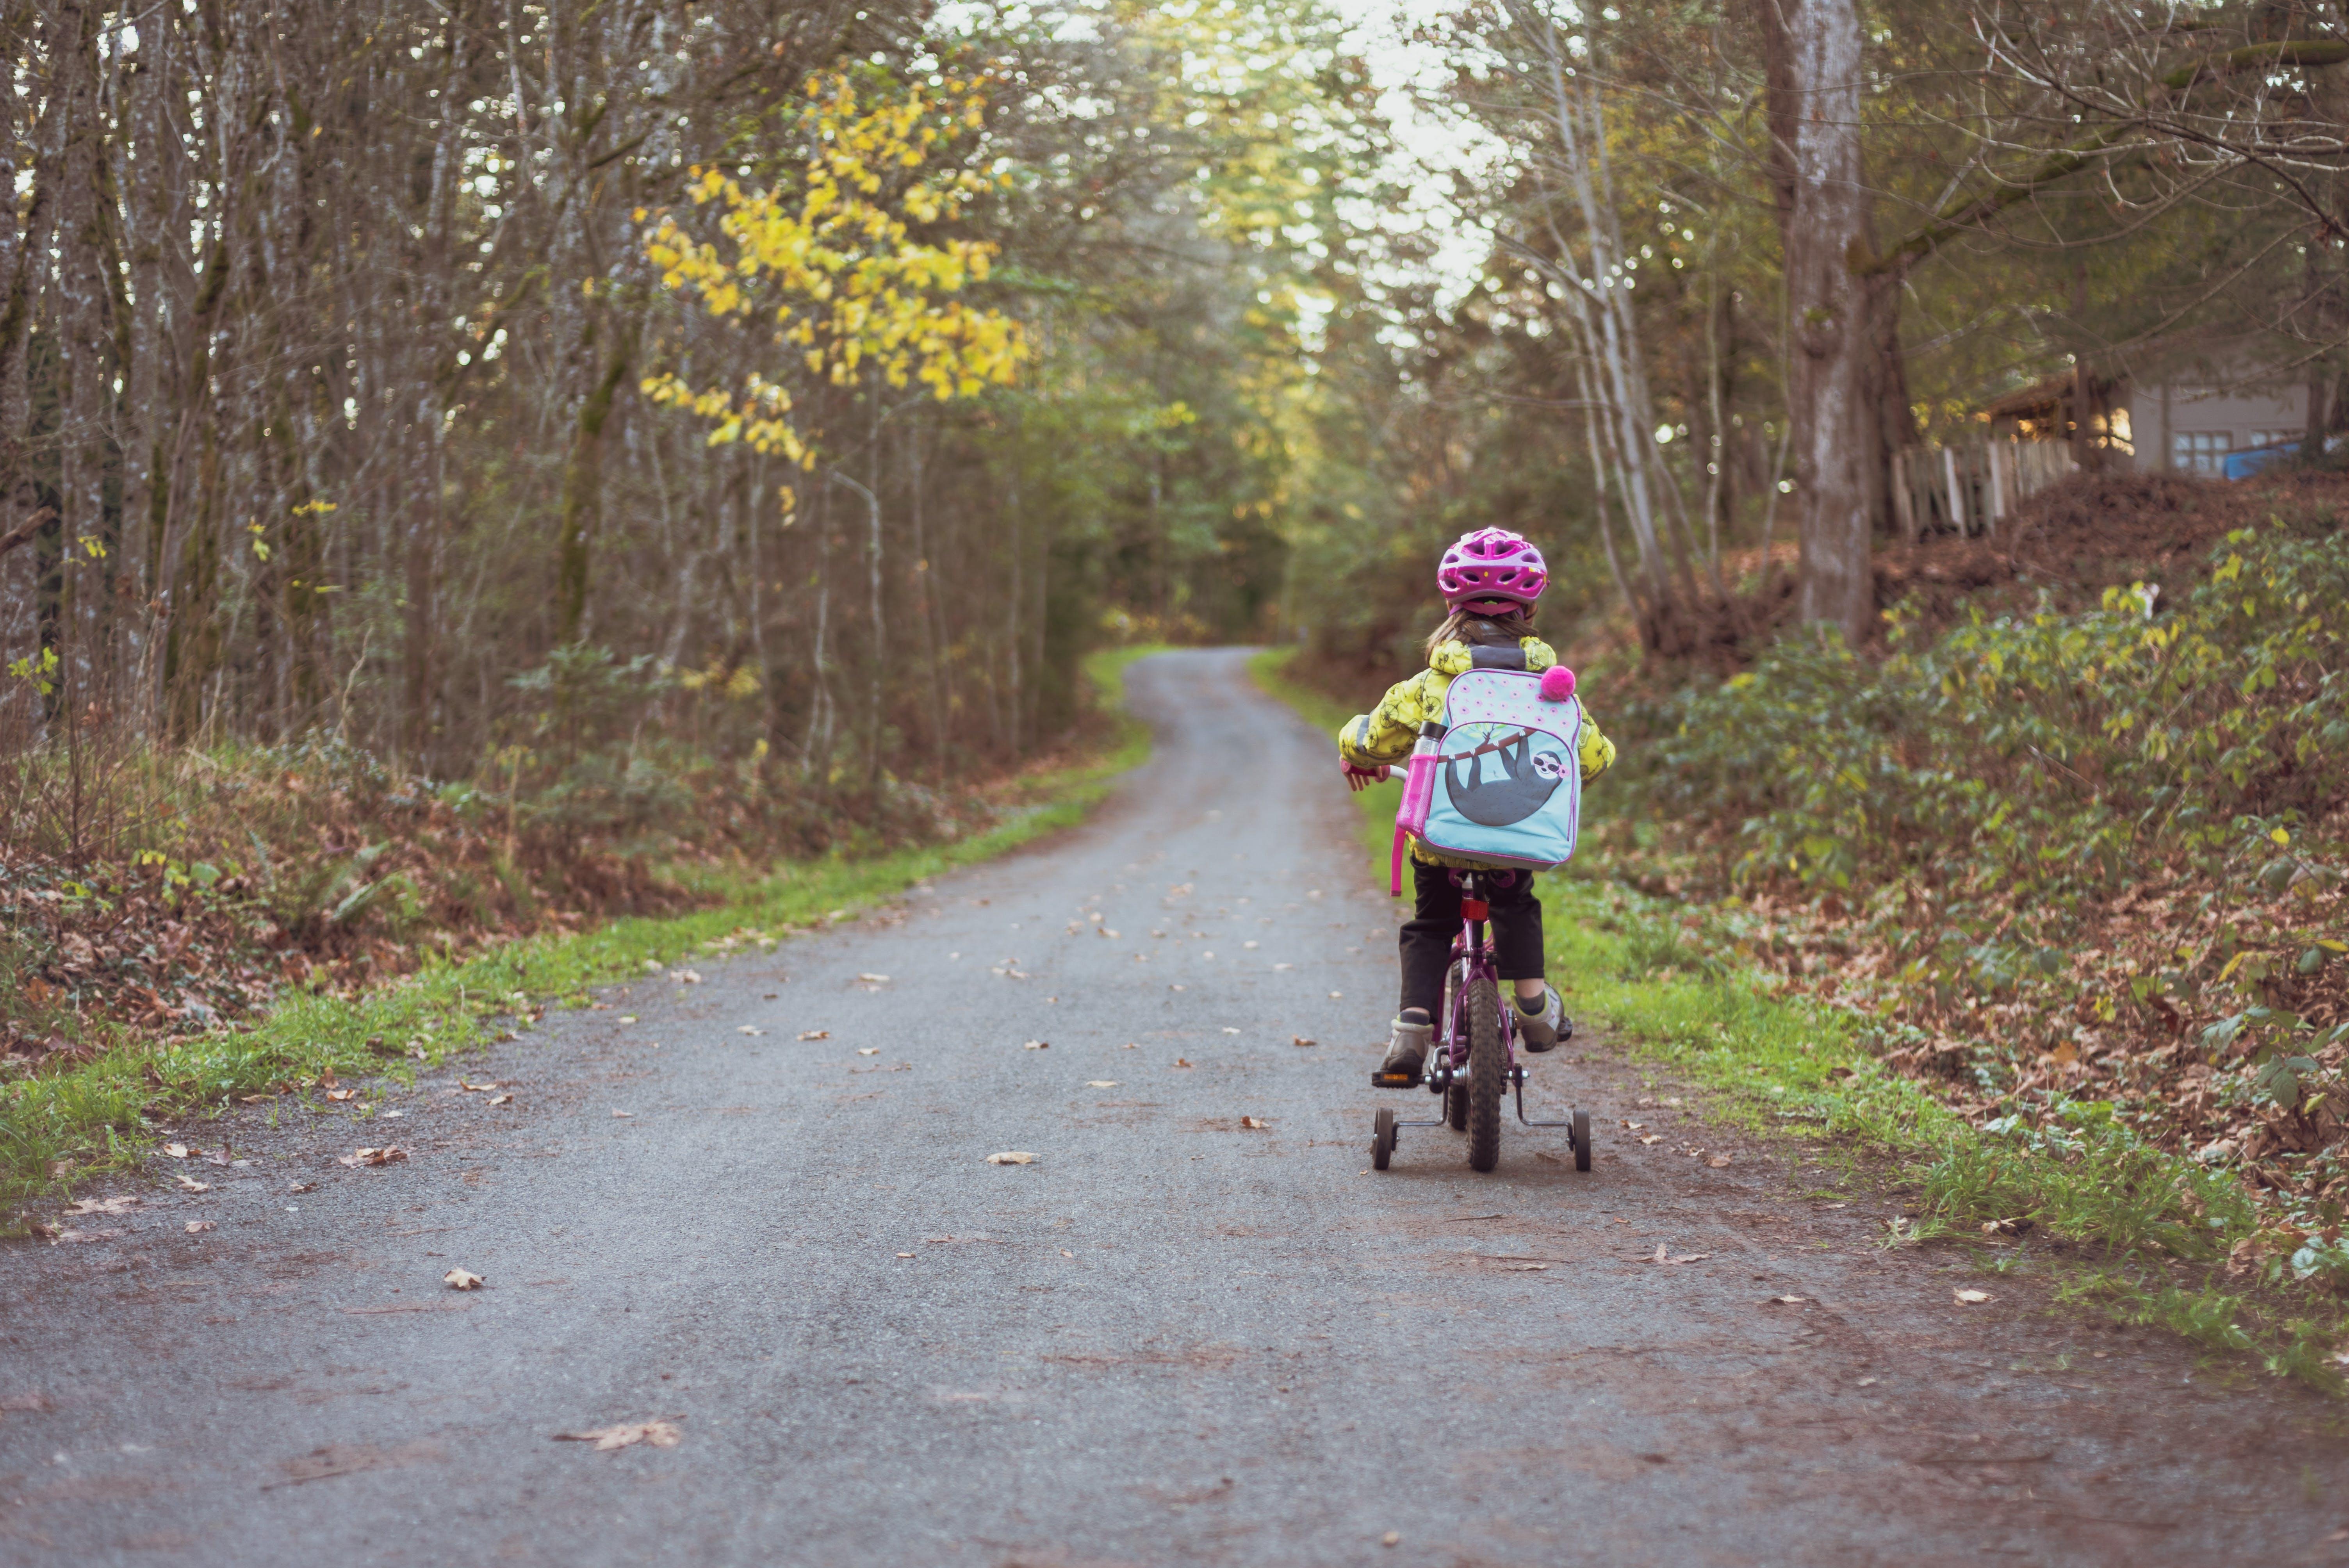 Darmowe zdjęcie z galerii z bezpieczeństwo, droga, drzewa, dziecko